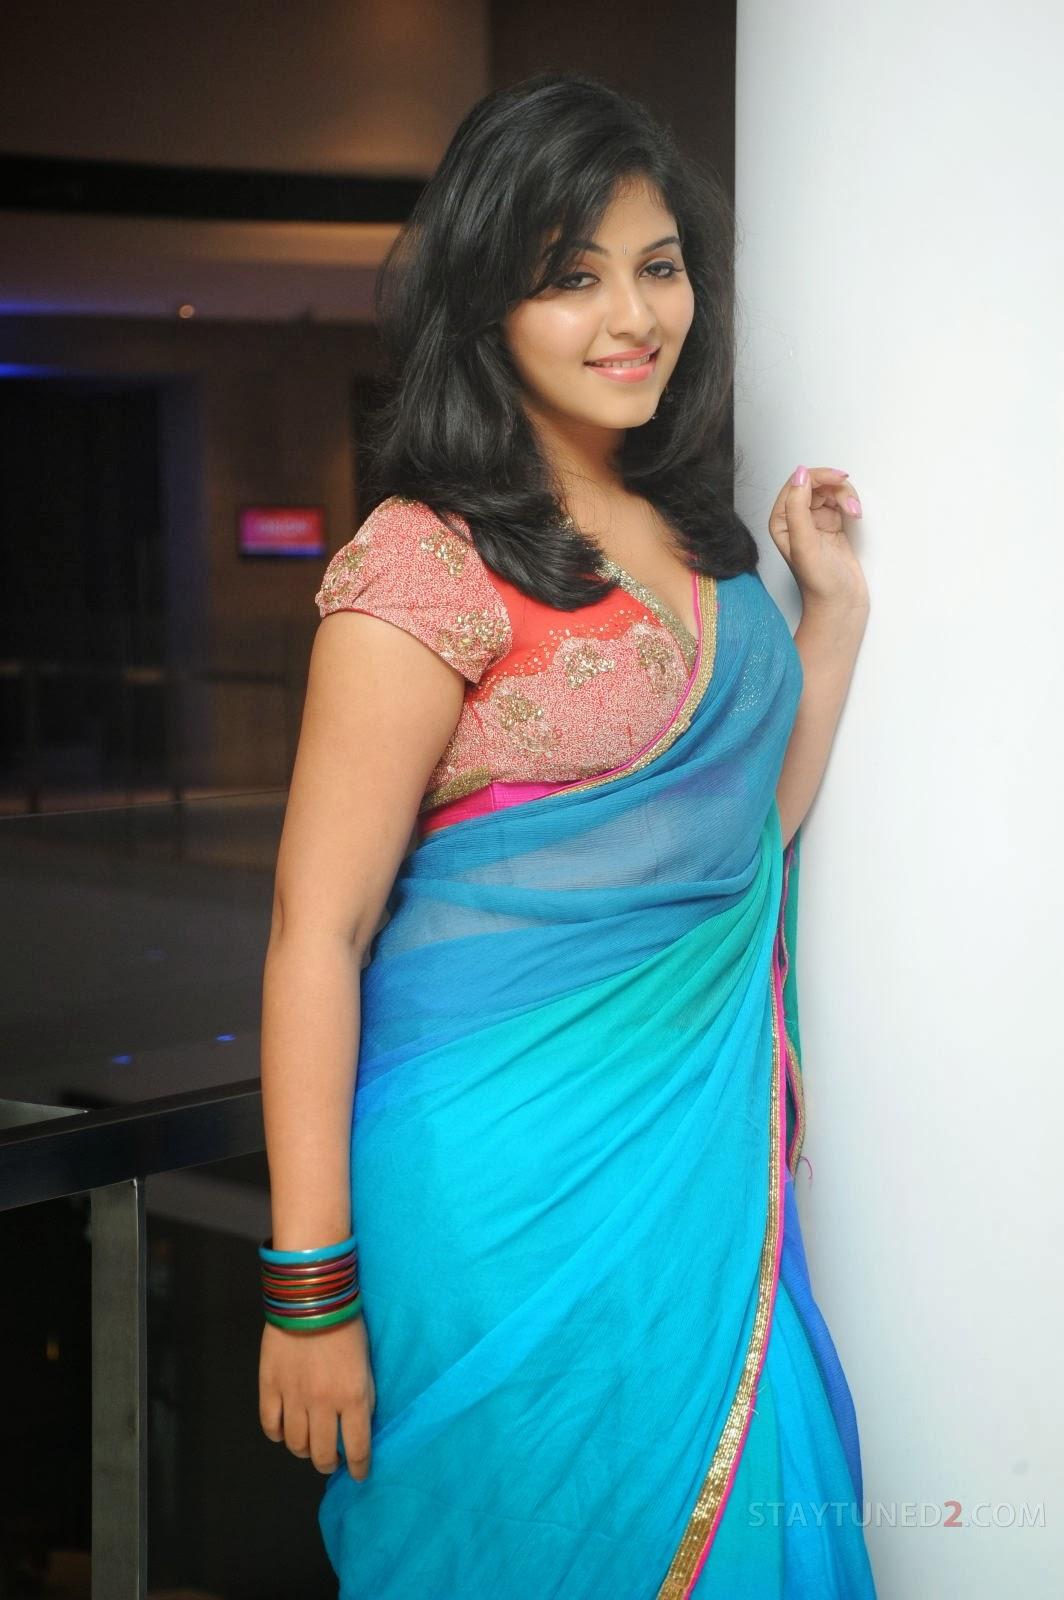 Anjali sexy photos in saree